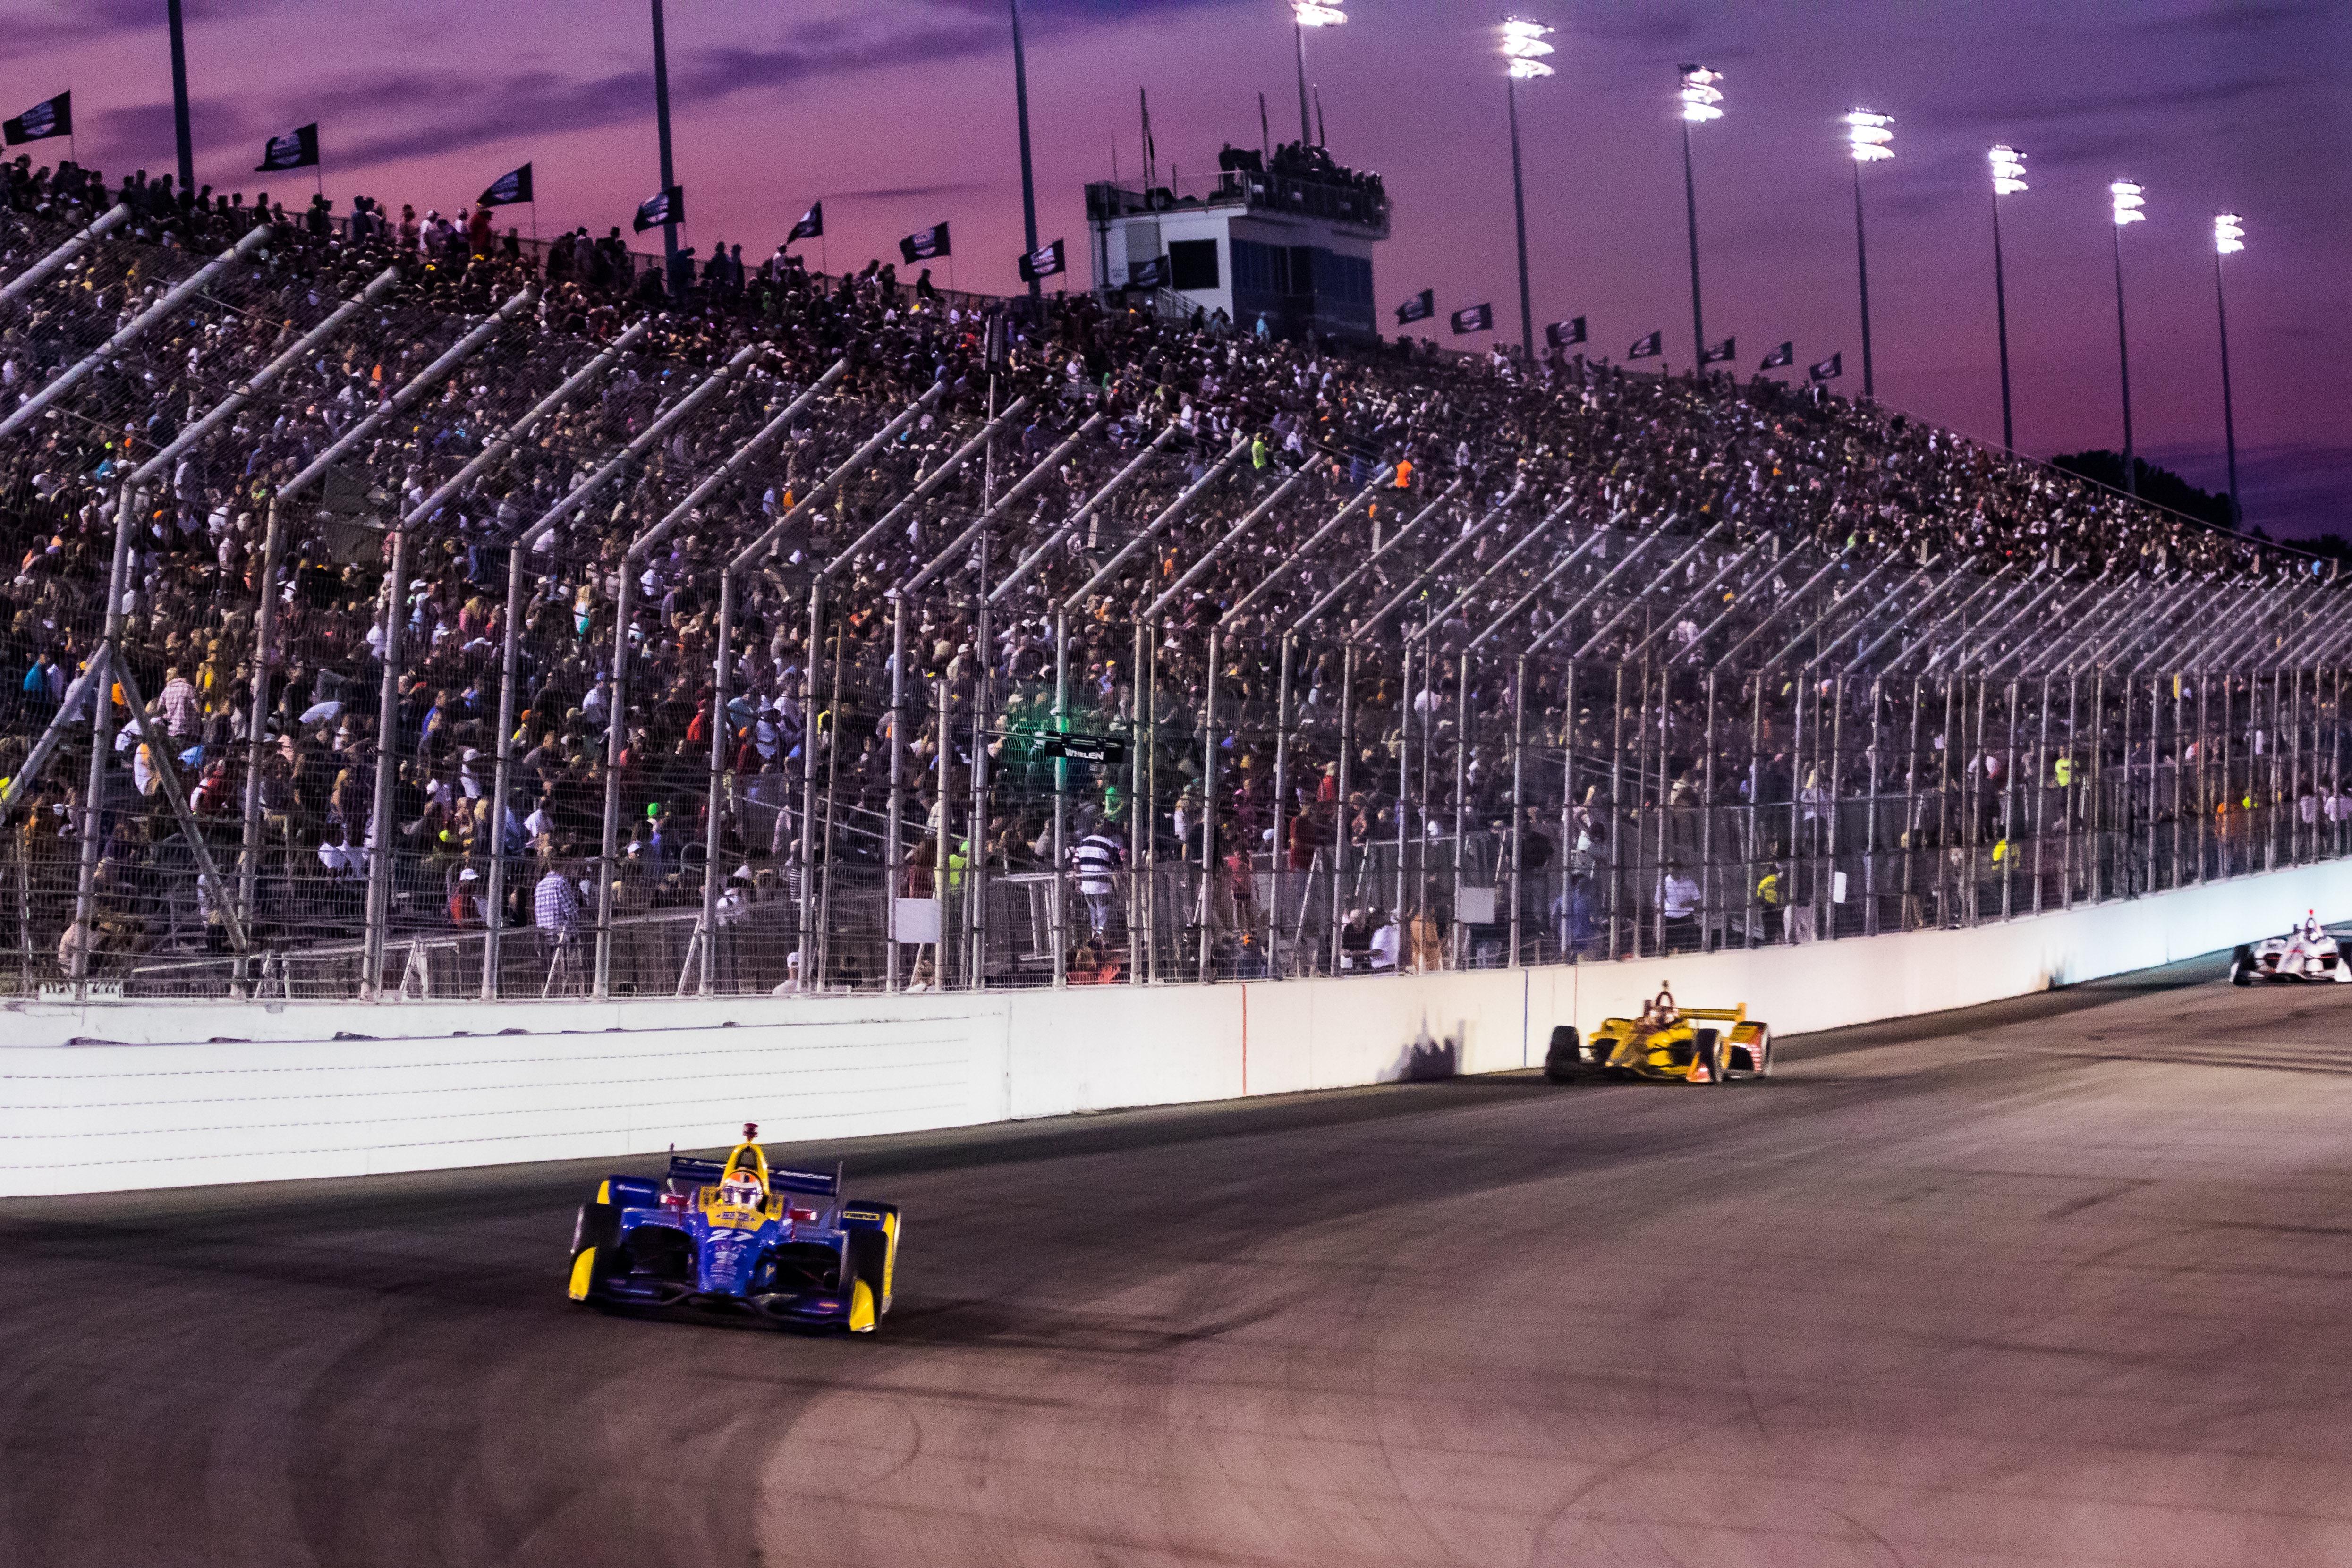 Alexander Rossi Gateway IndyCar 2019